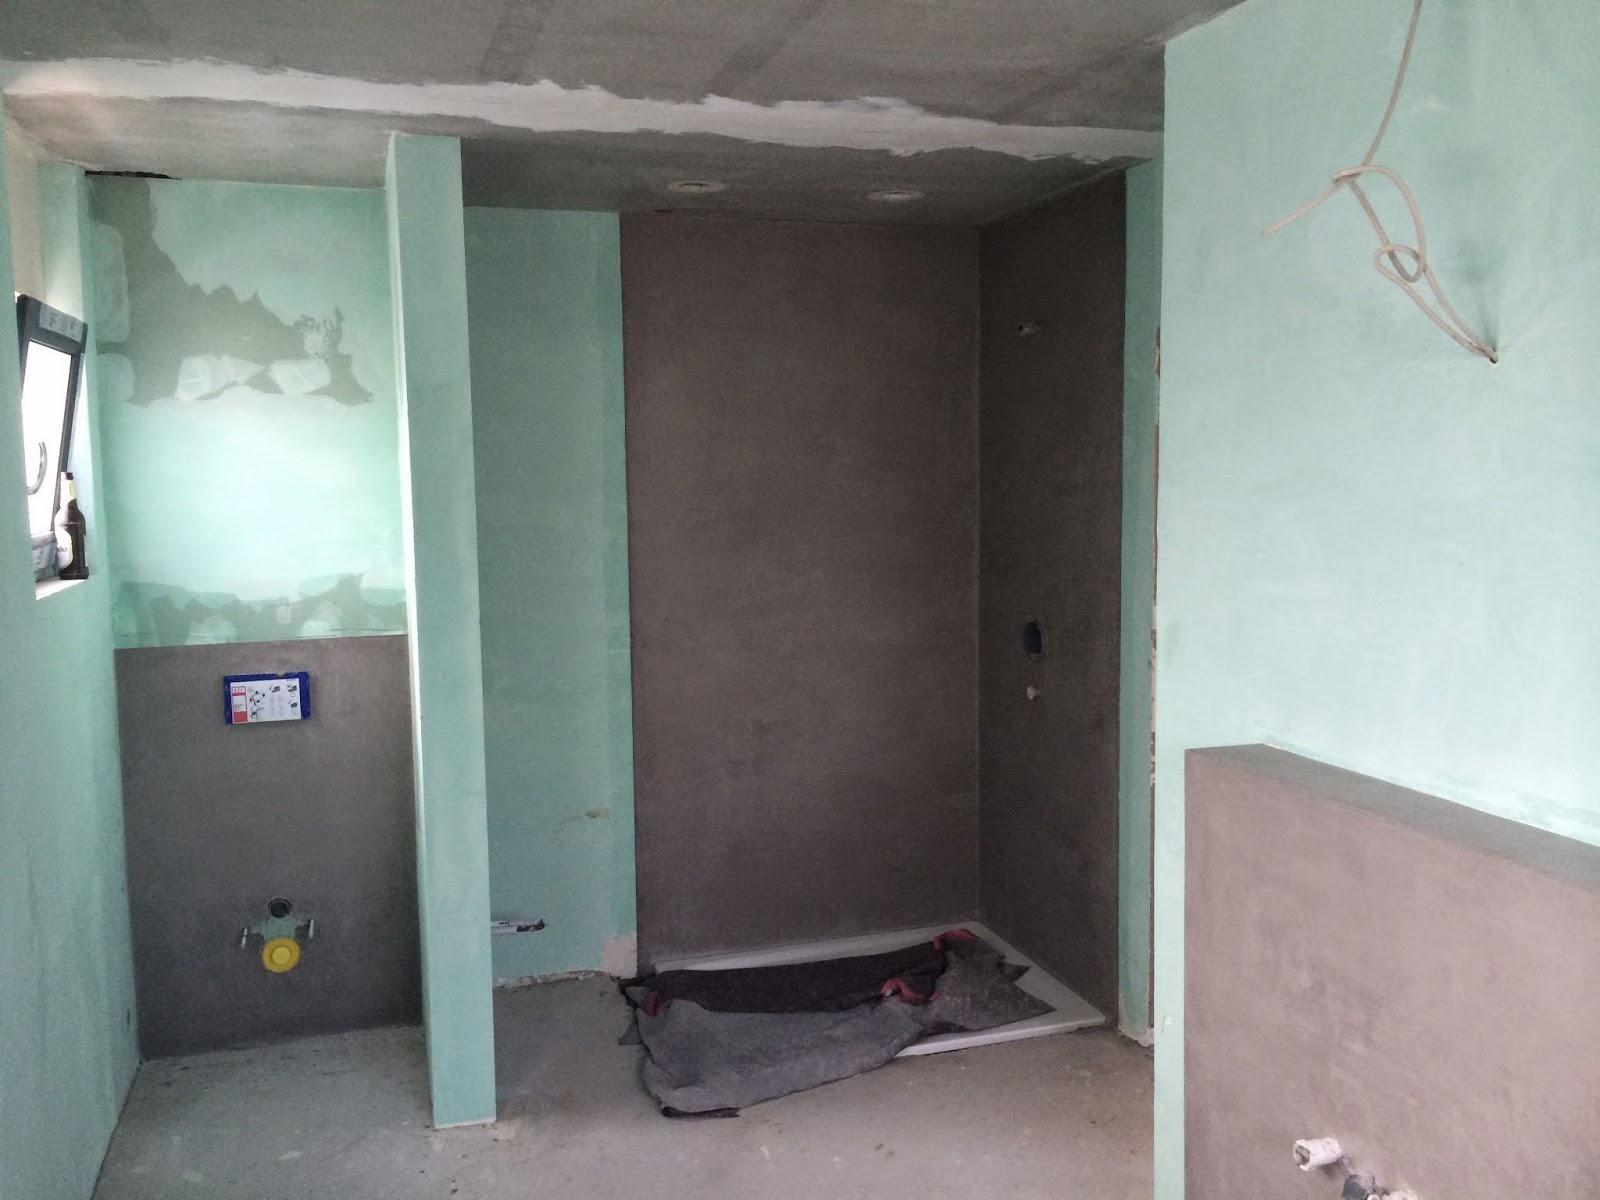 beton cire oberfl chen in beton look beton cire bad wiesbaden 65203 tipps f r verarbeiter. Black Bedroom Furniture Sets. Home Design Ideas